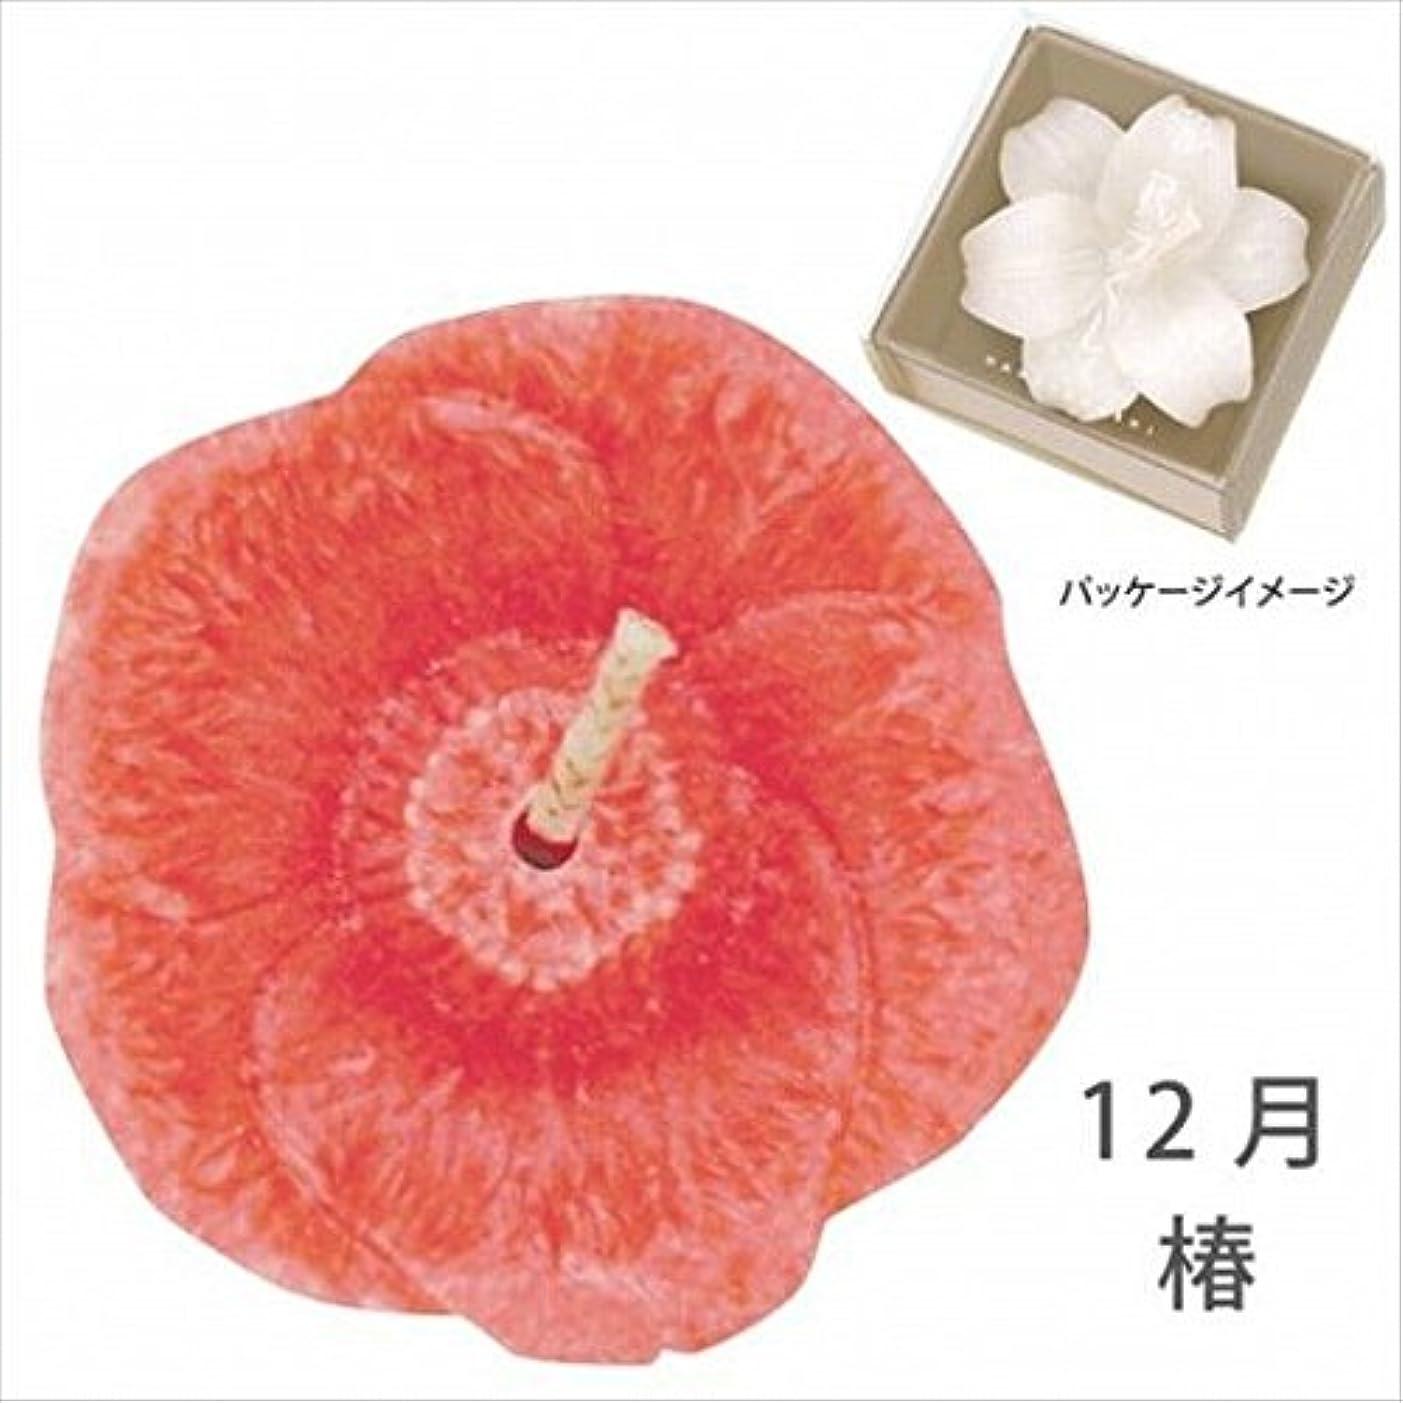 面積血まみれエスカレートkameyama candle(カメヤマキャンドル) 花づくし(植物性) 椿 「 椿(12月) 」 キャンドル(A4620520)